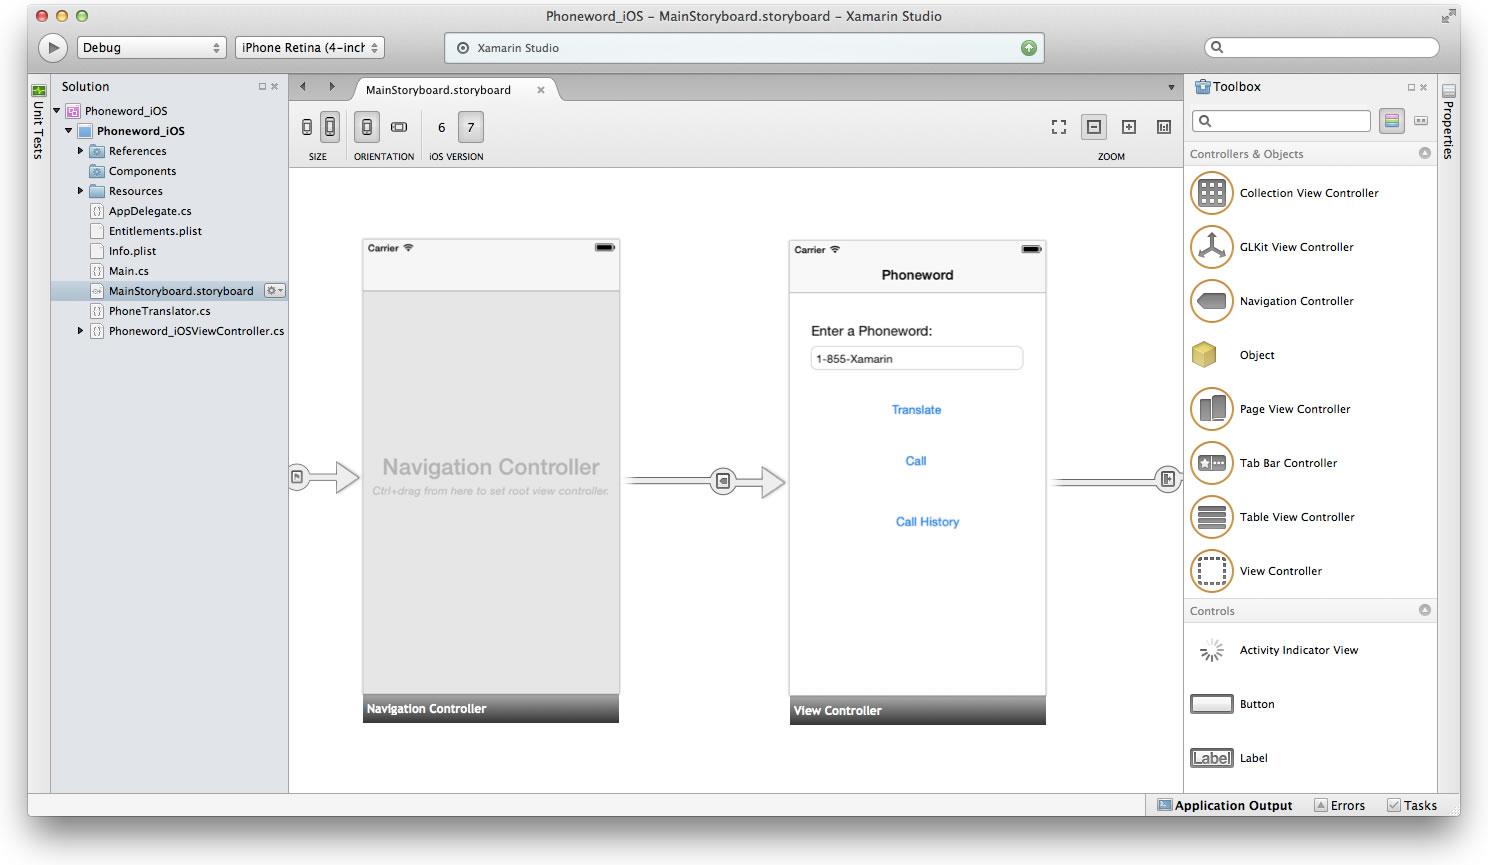 xamarin 3 interface